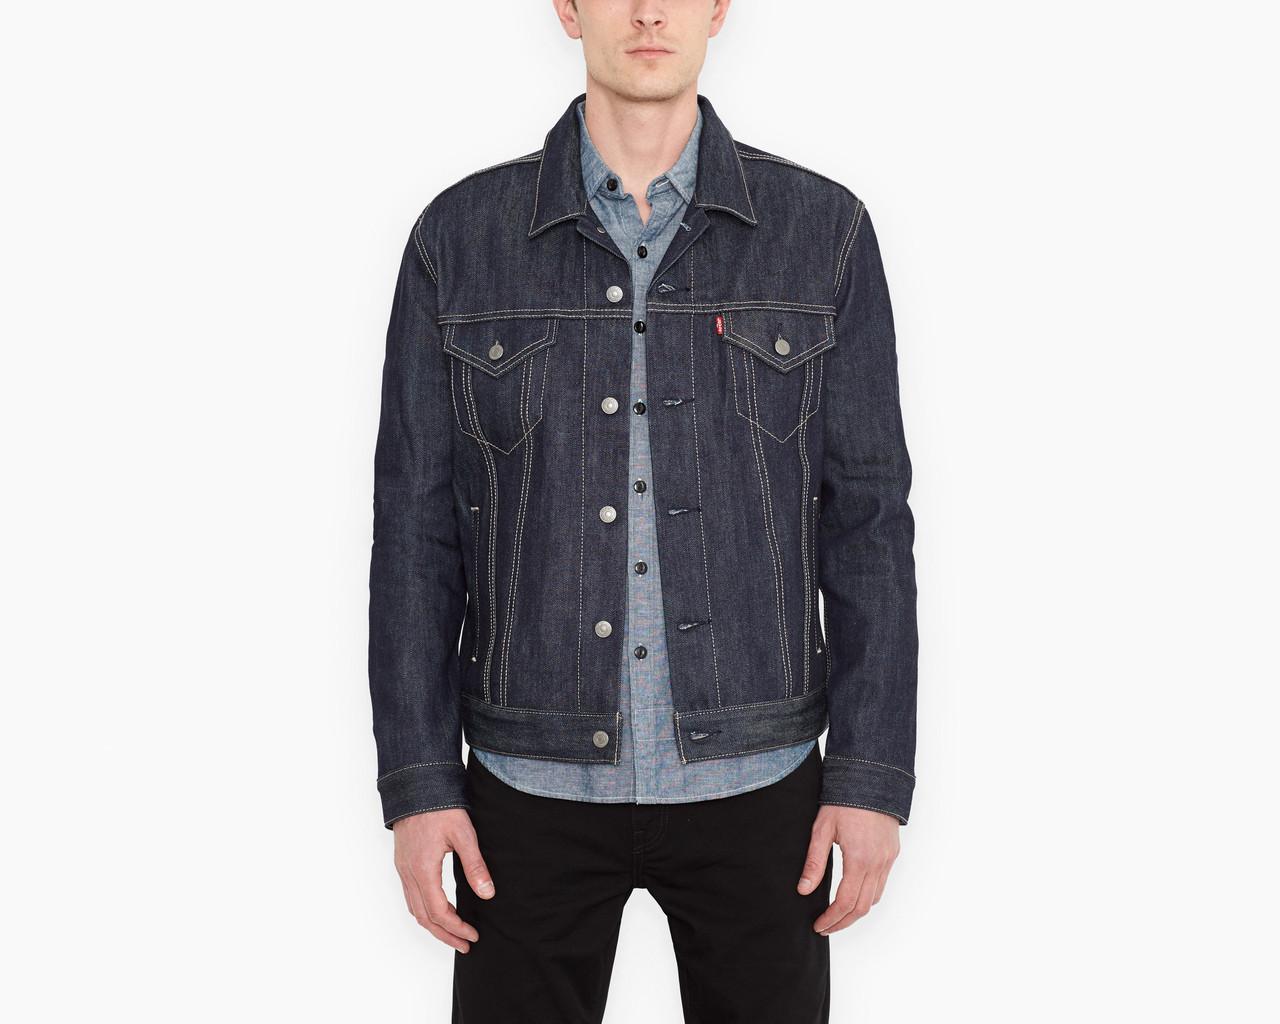 Куртка джинсовая LEVIS Denim Trucker Jacket (NEW FIT) rigid